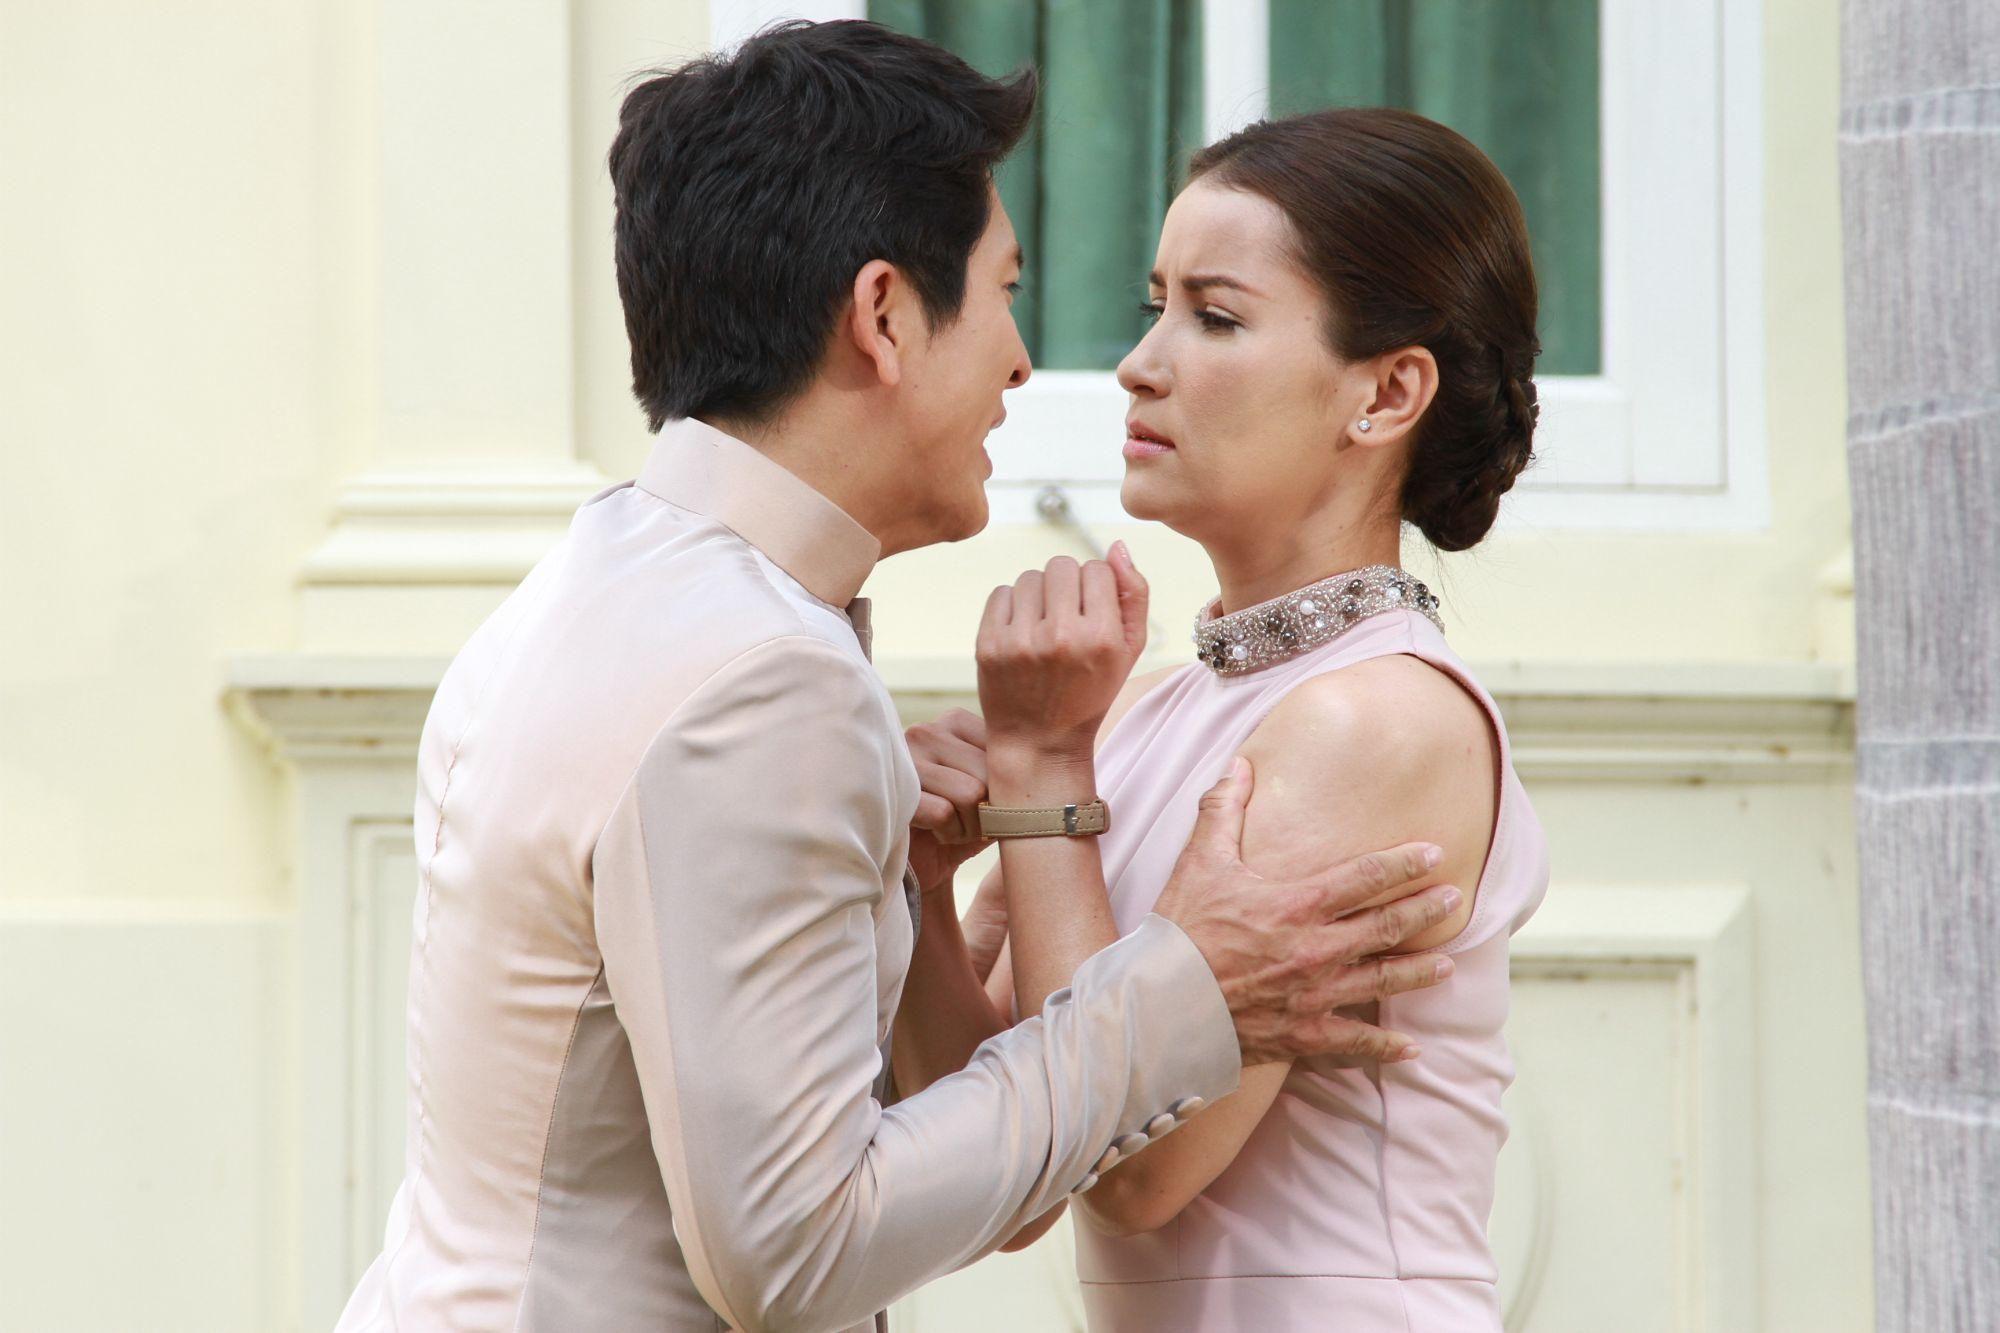 Đừng Quên Em: Anne Thongprasom bỏ rơi mỹ nam chạy theo đại gia (2)